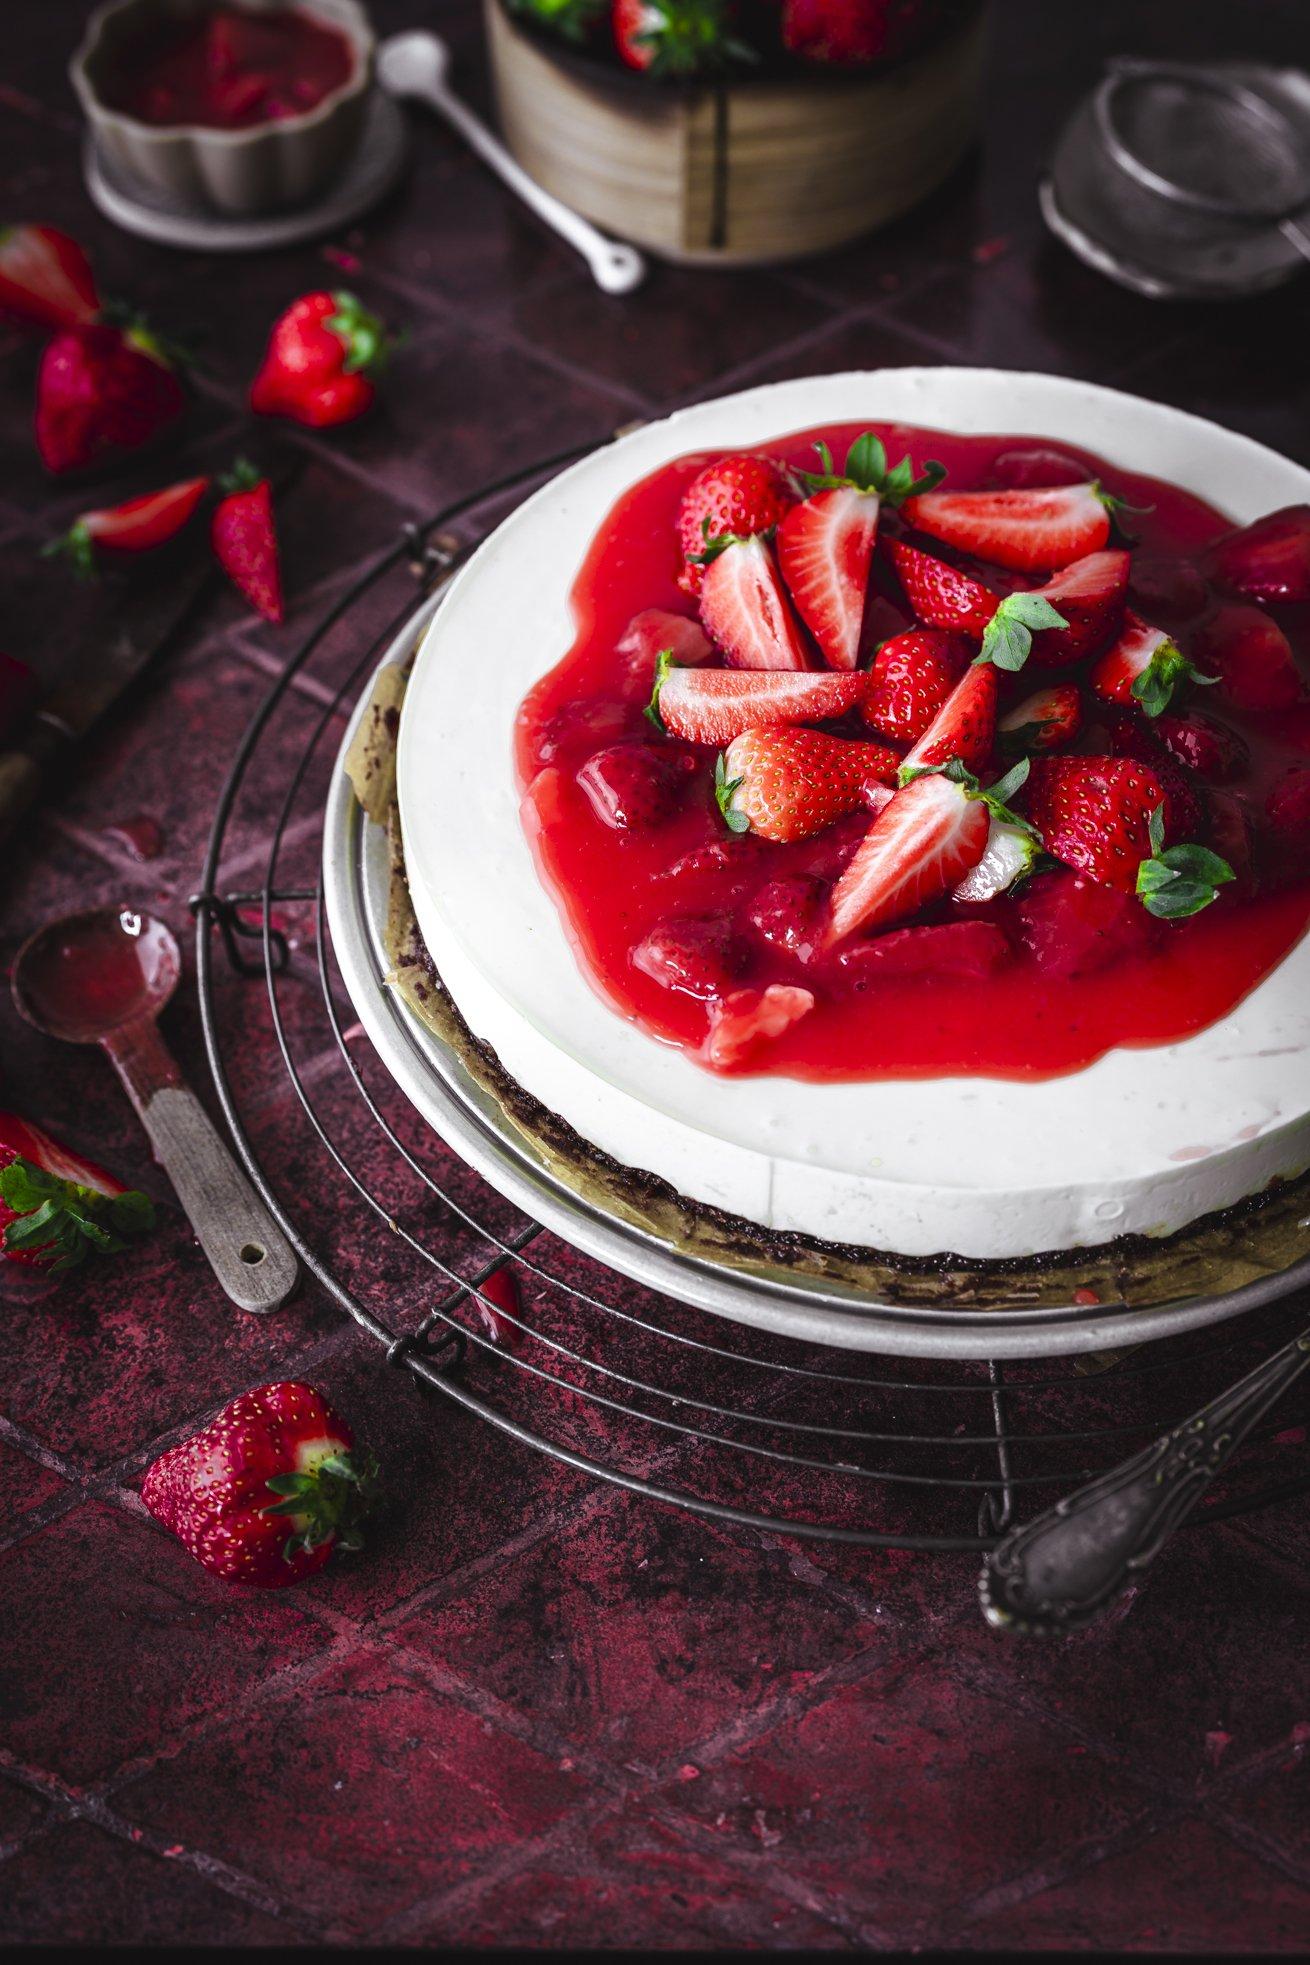 Sauerrahm Kuchen mit Erdbeeren